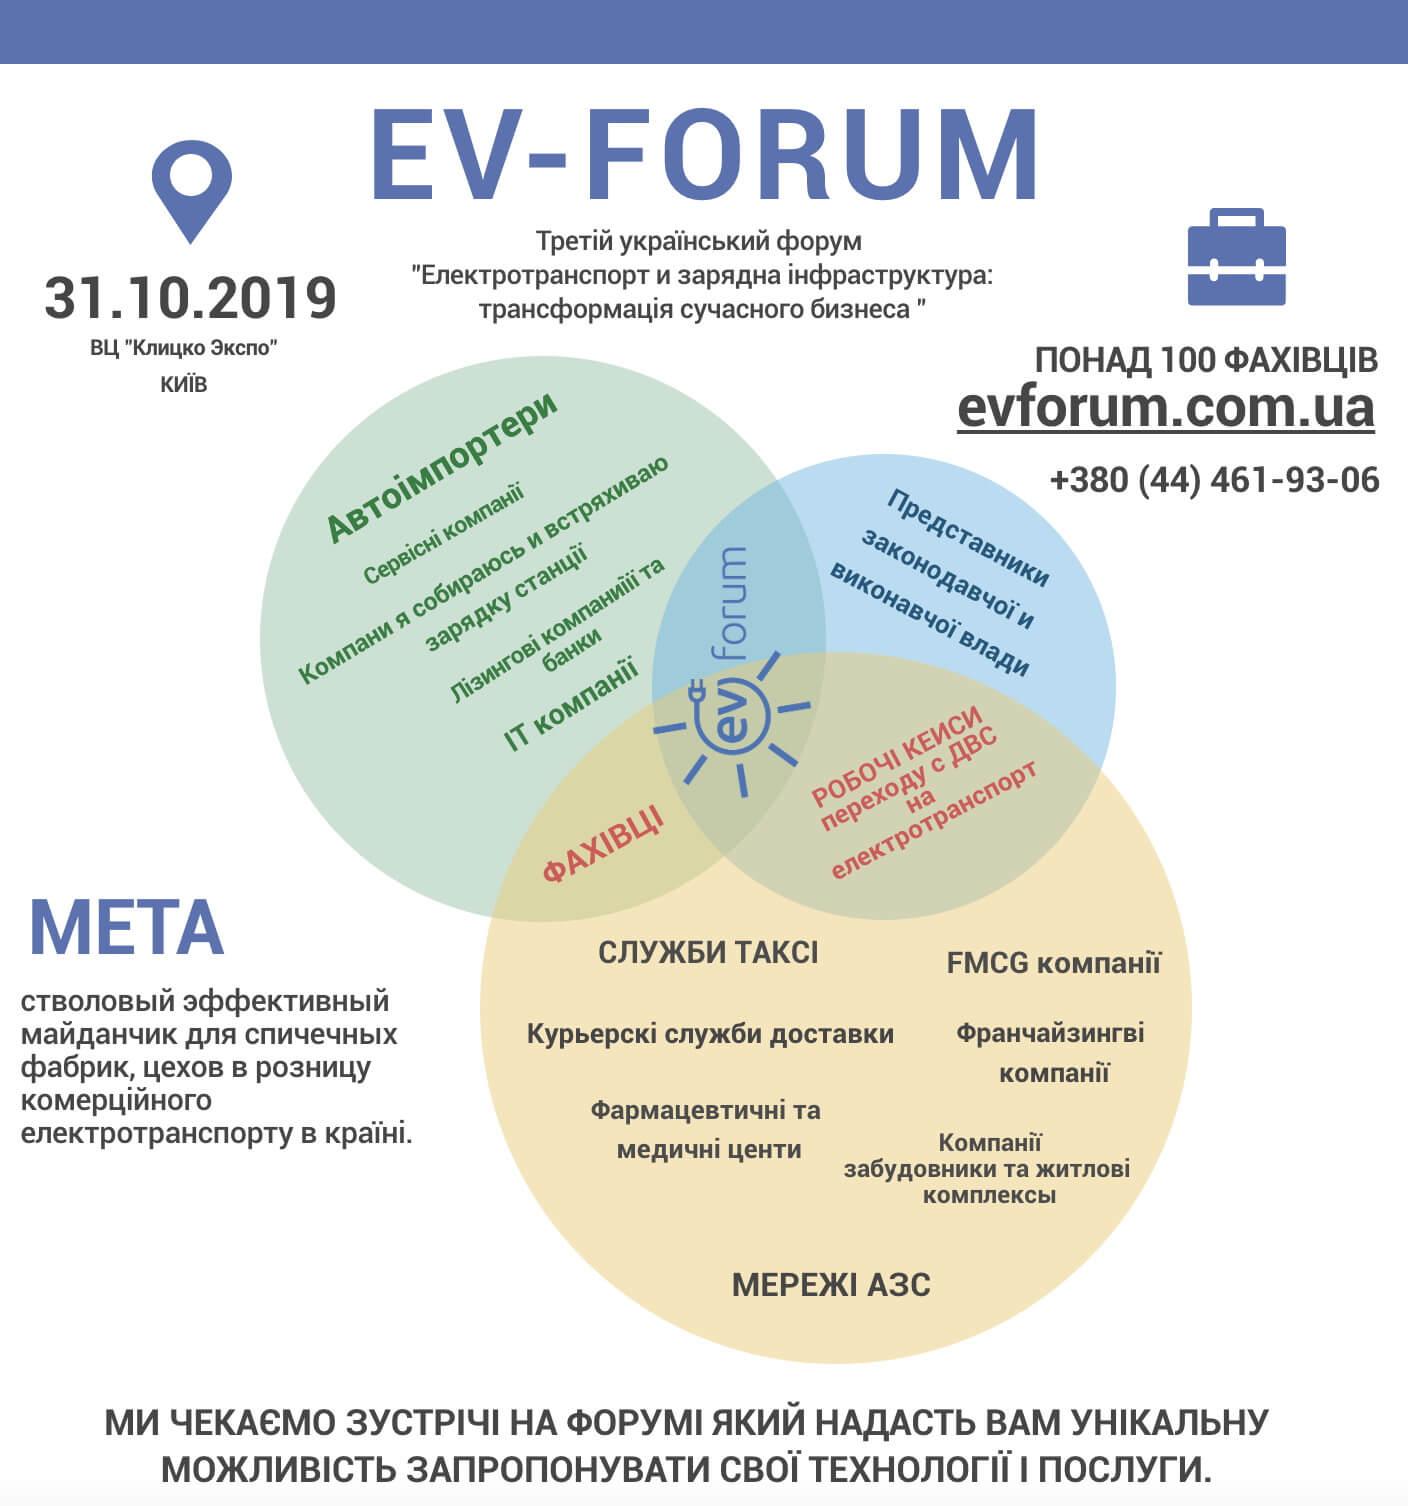 Мета EV-Forum 2019